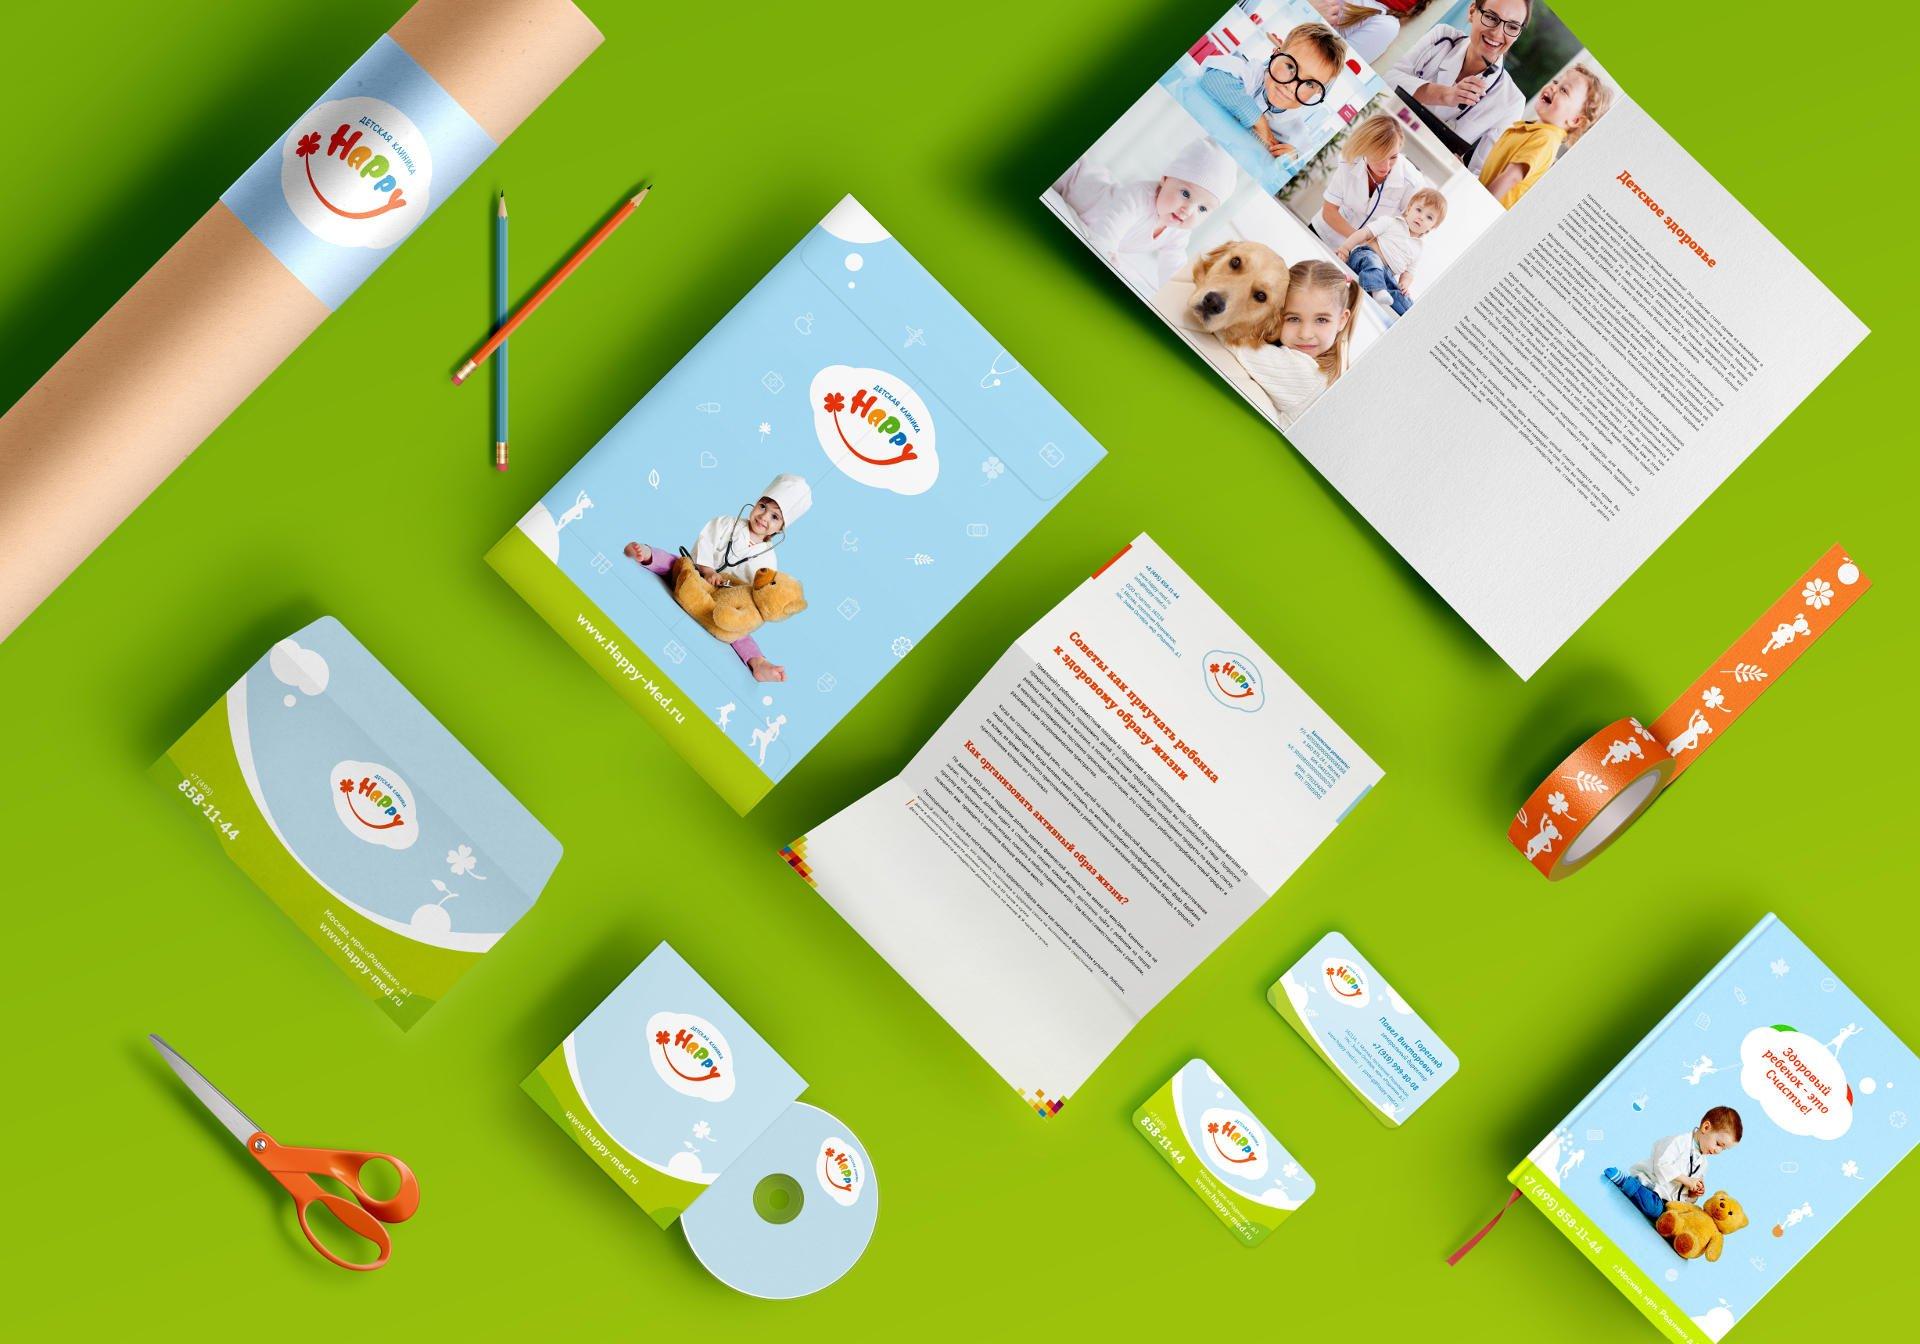 Фирменный стиль для детского медицинского центра, Kids medical center corporate identity